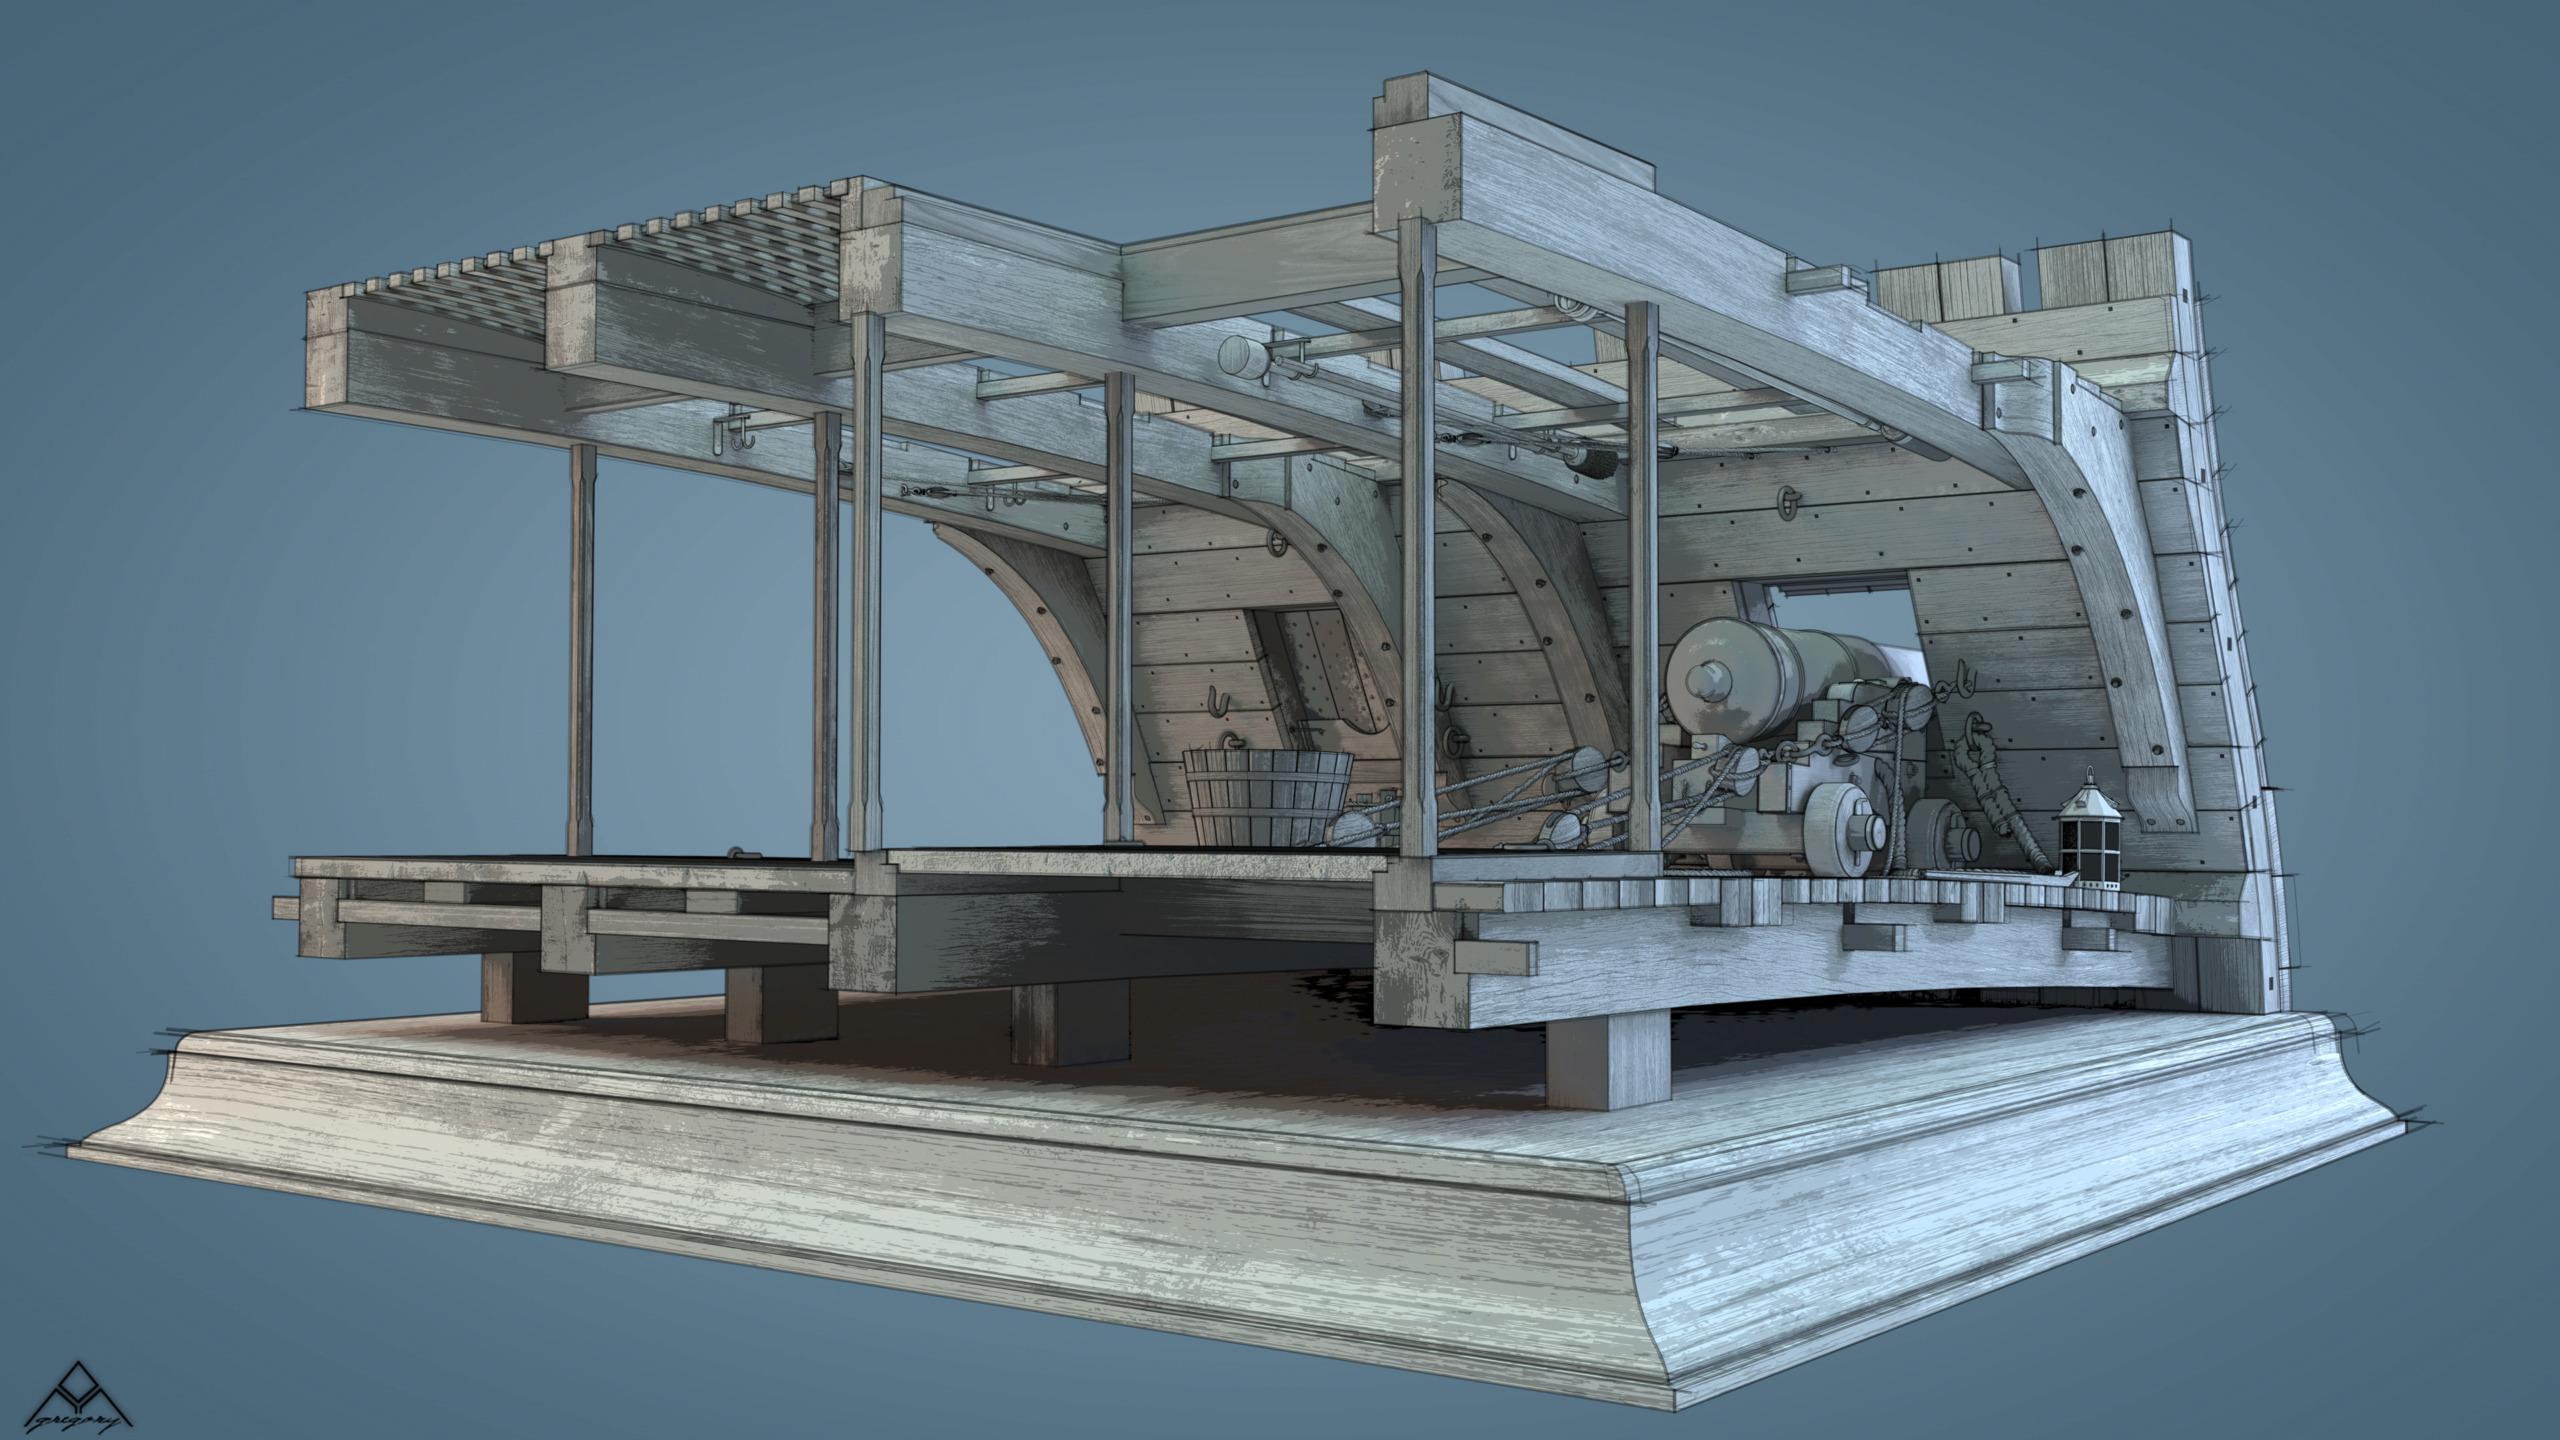 Canons de vaisseau 74 canons (Création 3D) par Greg_3D - Page 9 Rendu114